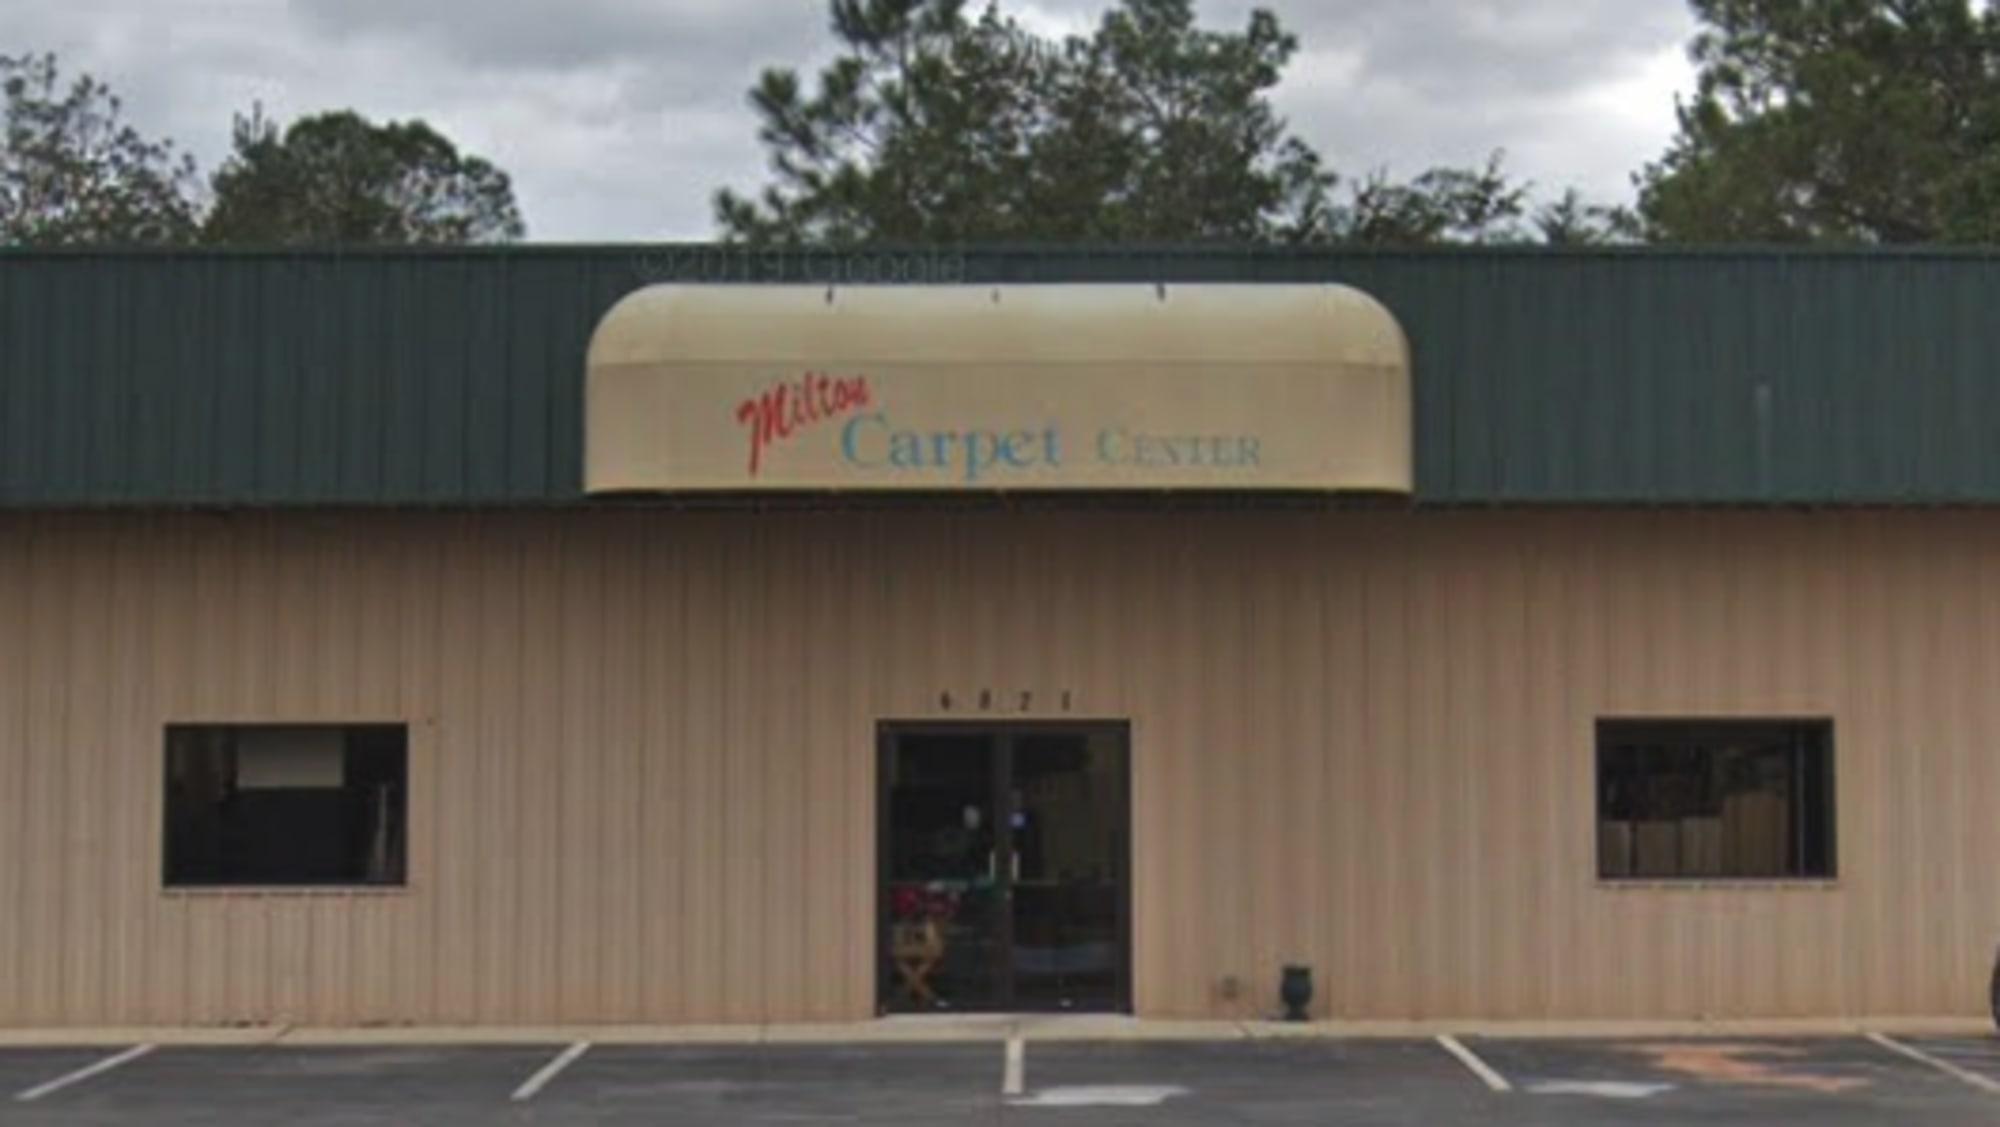 Milton Carpet Center - 4871 Glover Ln Milton, FL 32570